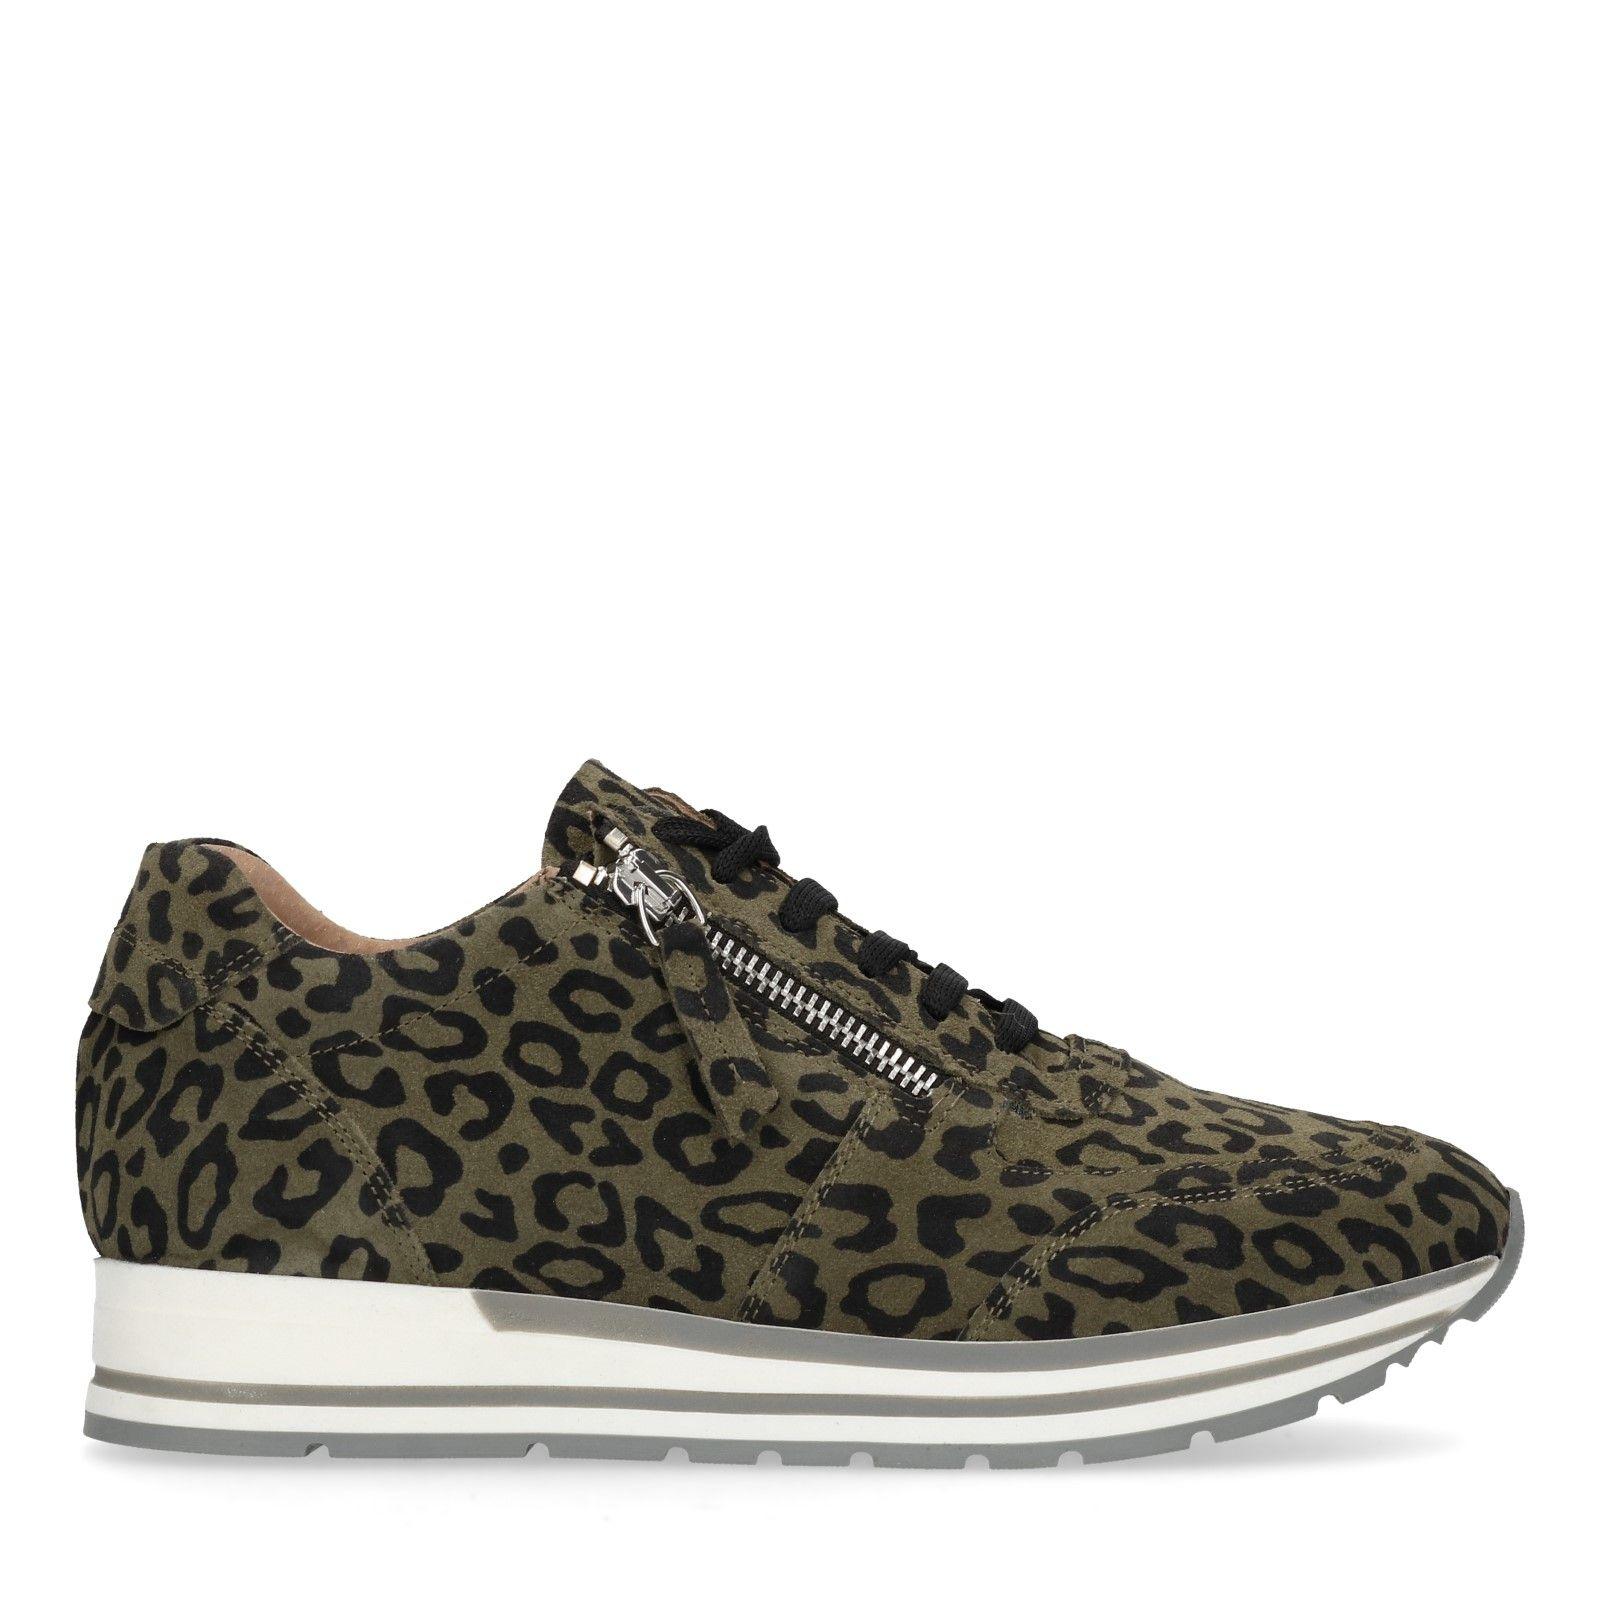 Sneaker Grüne Grüne Leopardenmuster Sneaker Grüne Mit Sneaker Leopardenmuster Mit 6O6WqUY